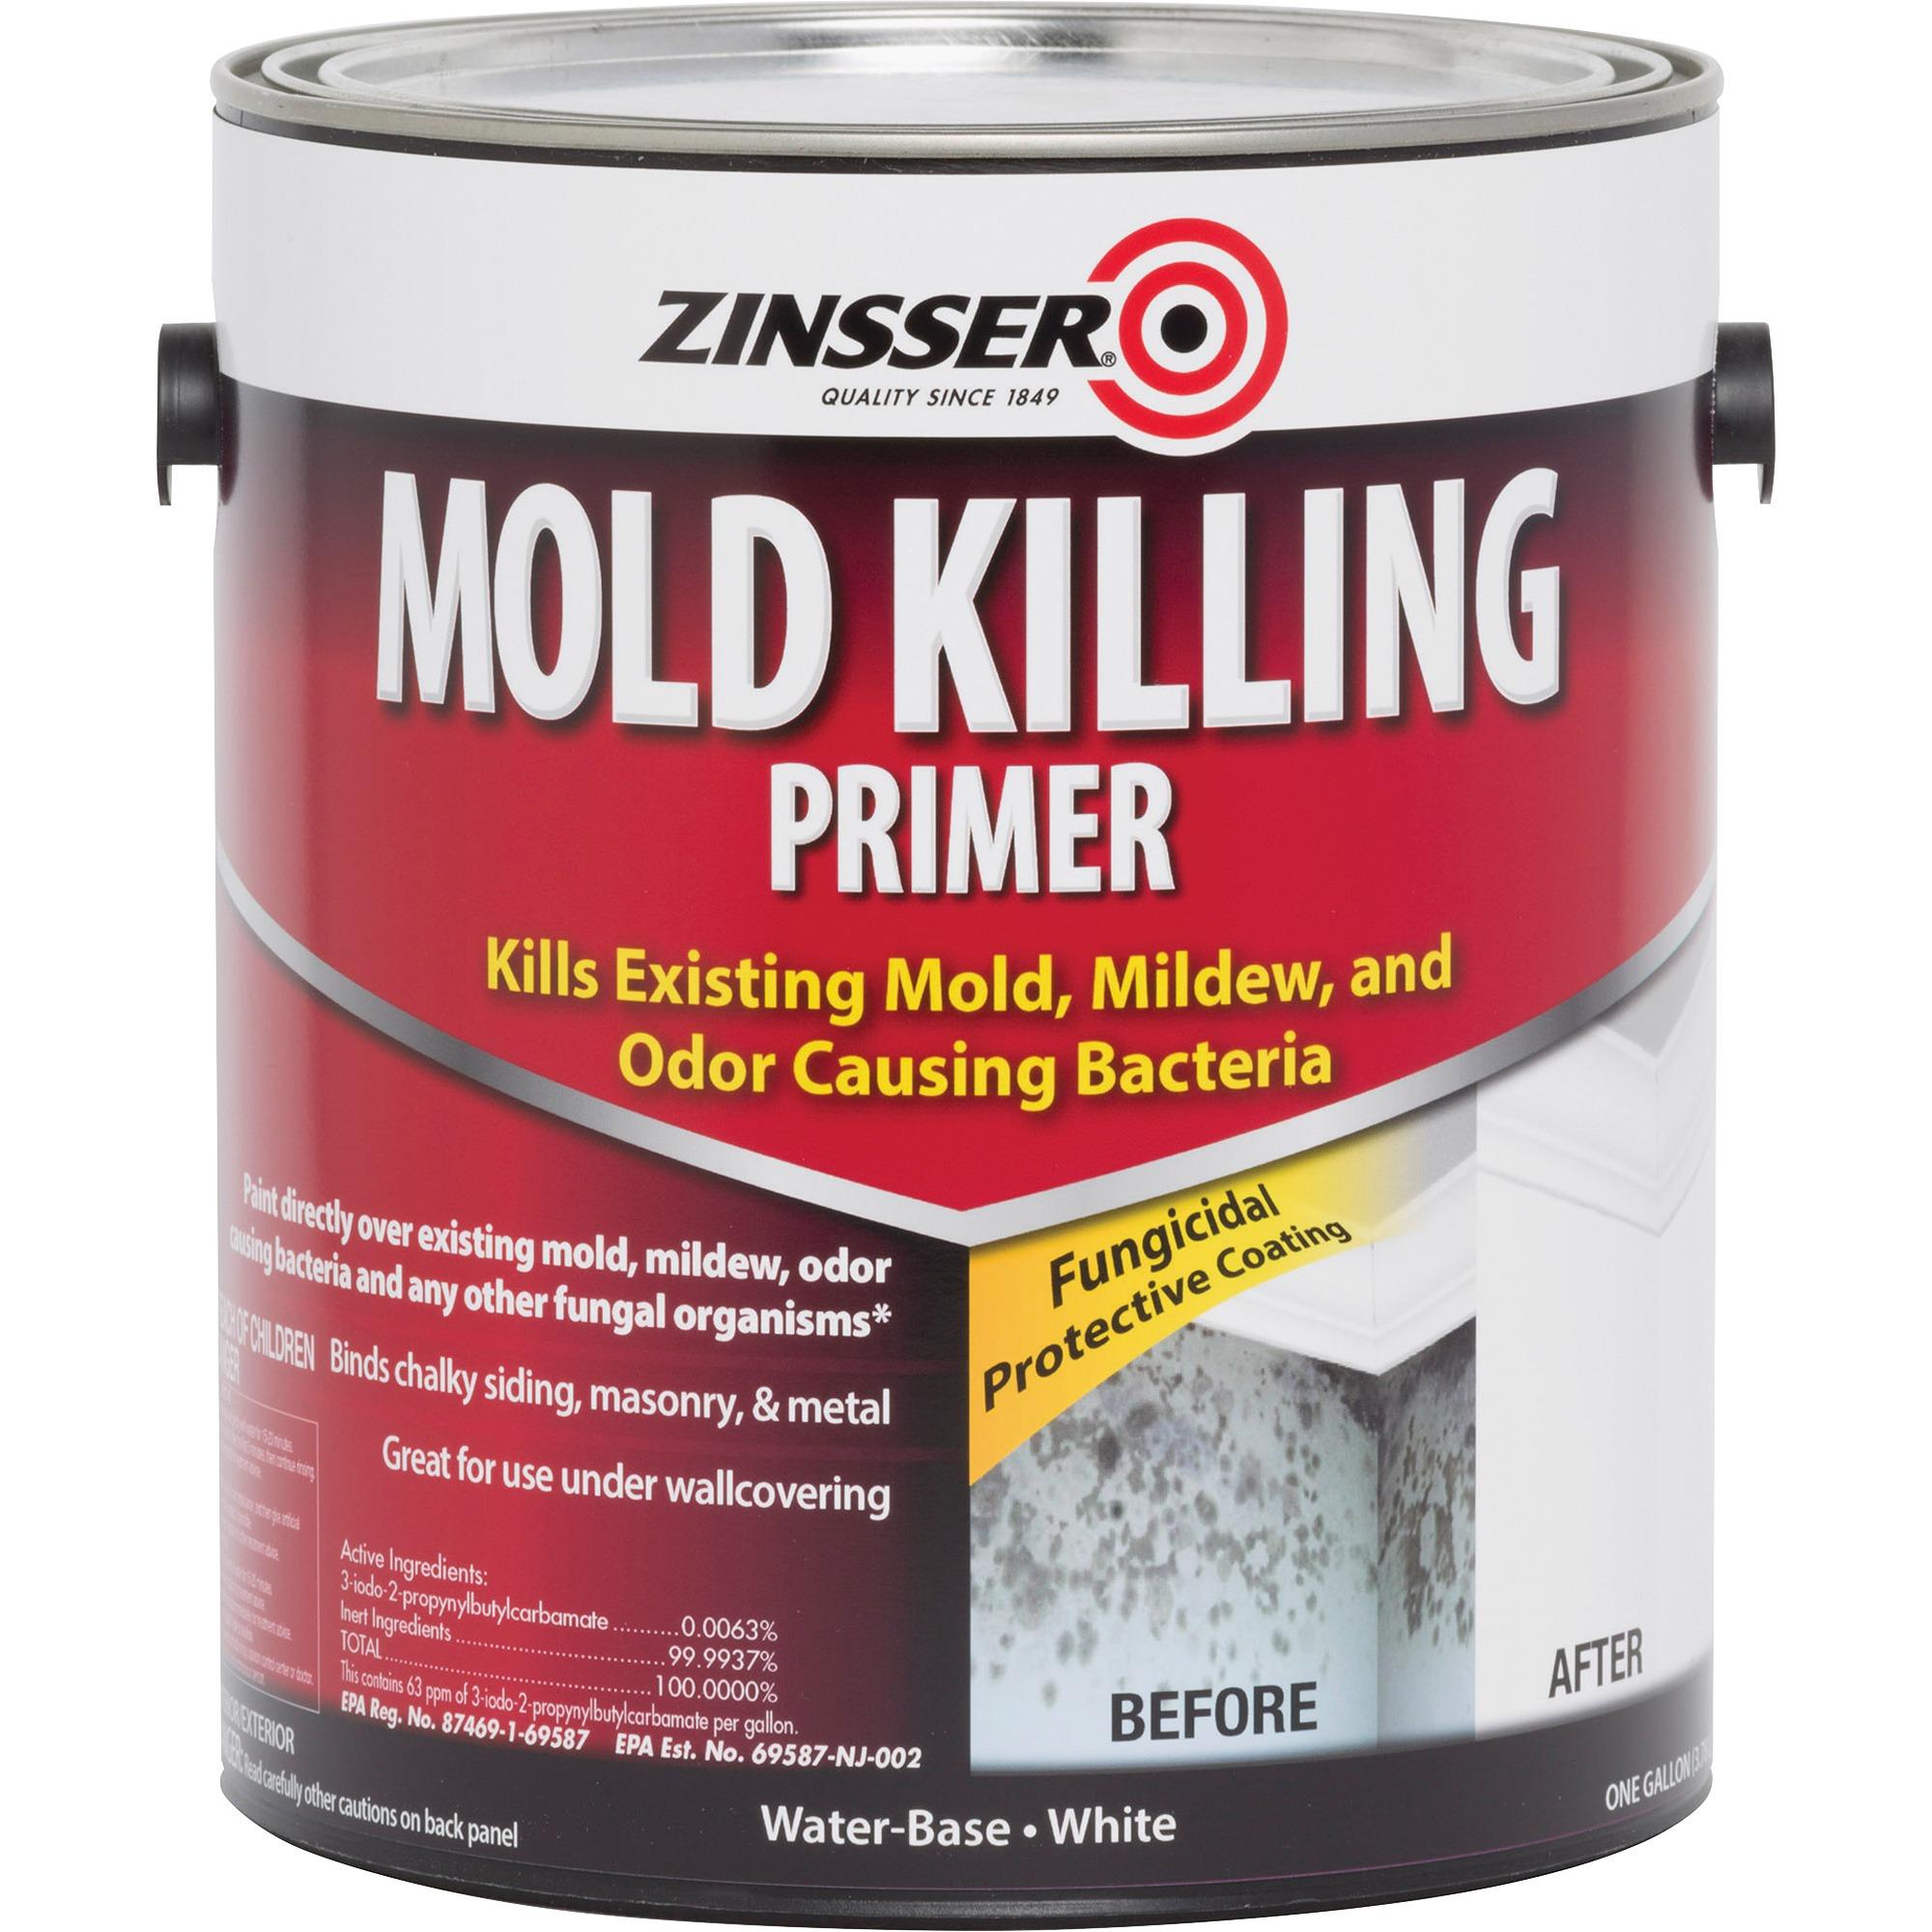 Zinsser, RST276049, Mold Killing Primer, 1 Each, White